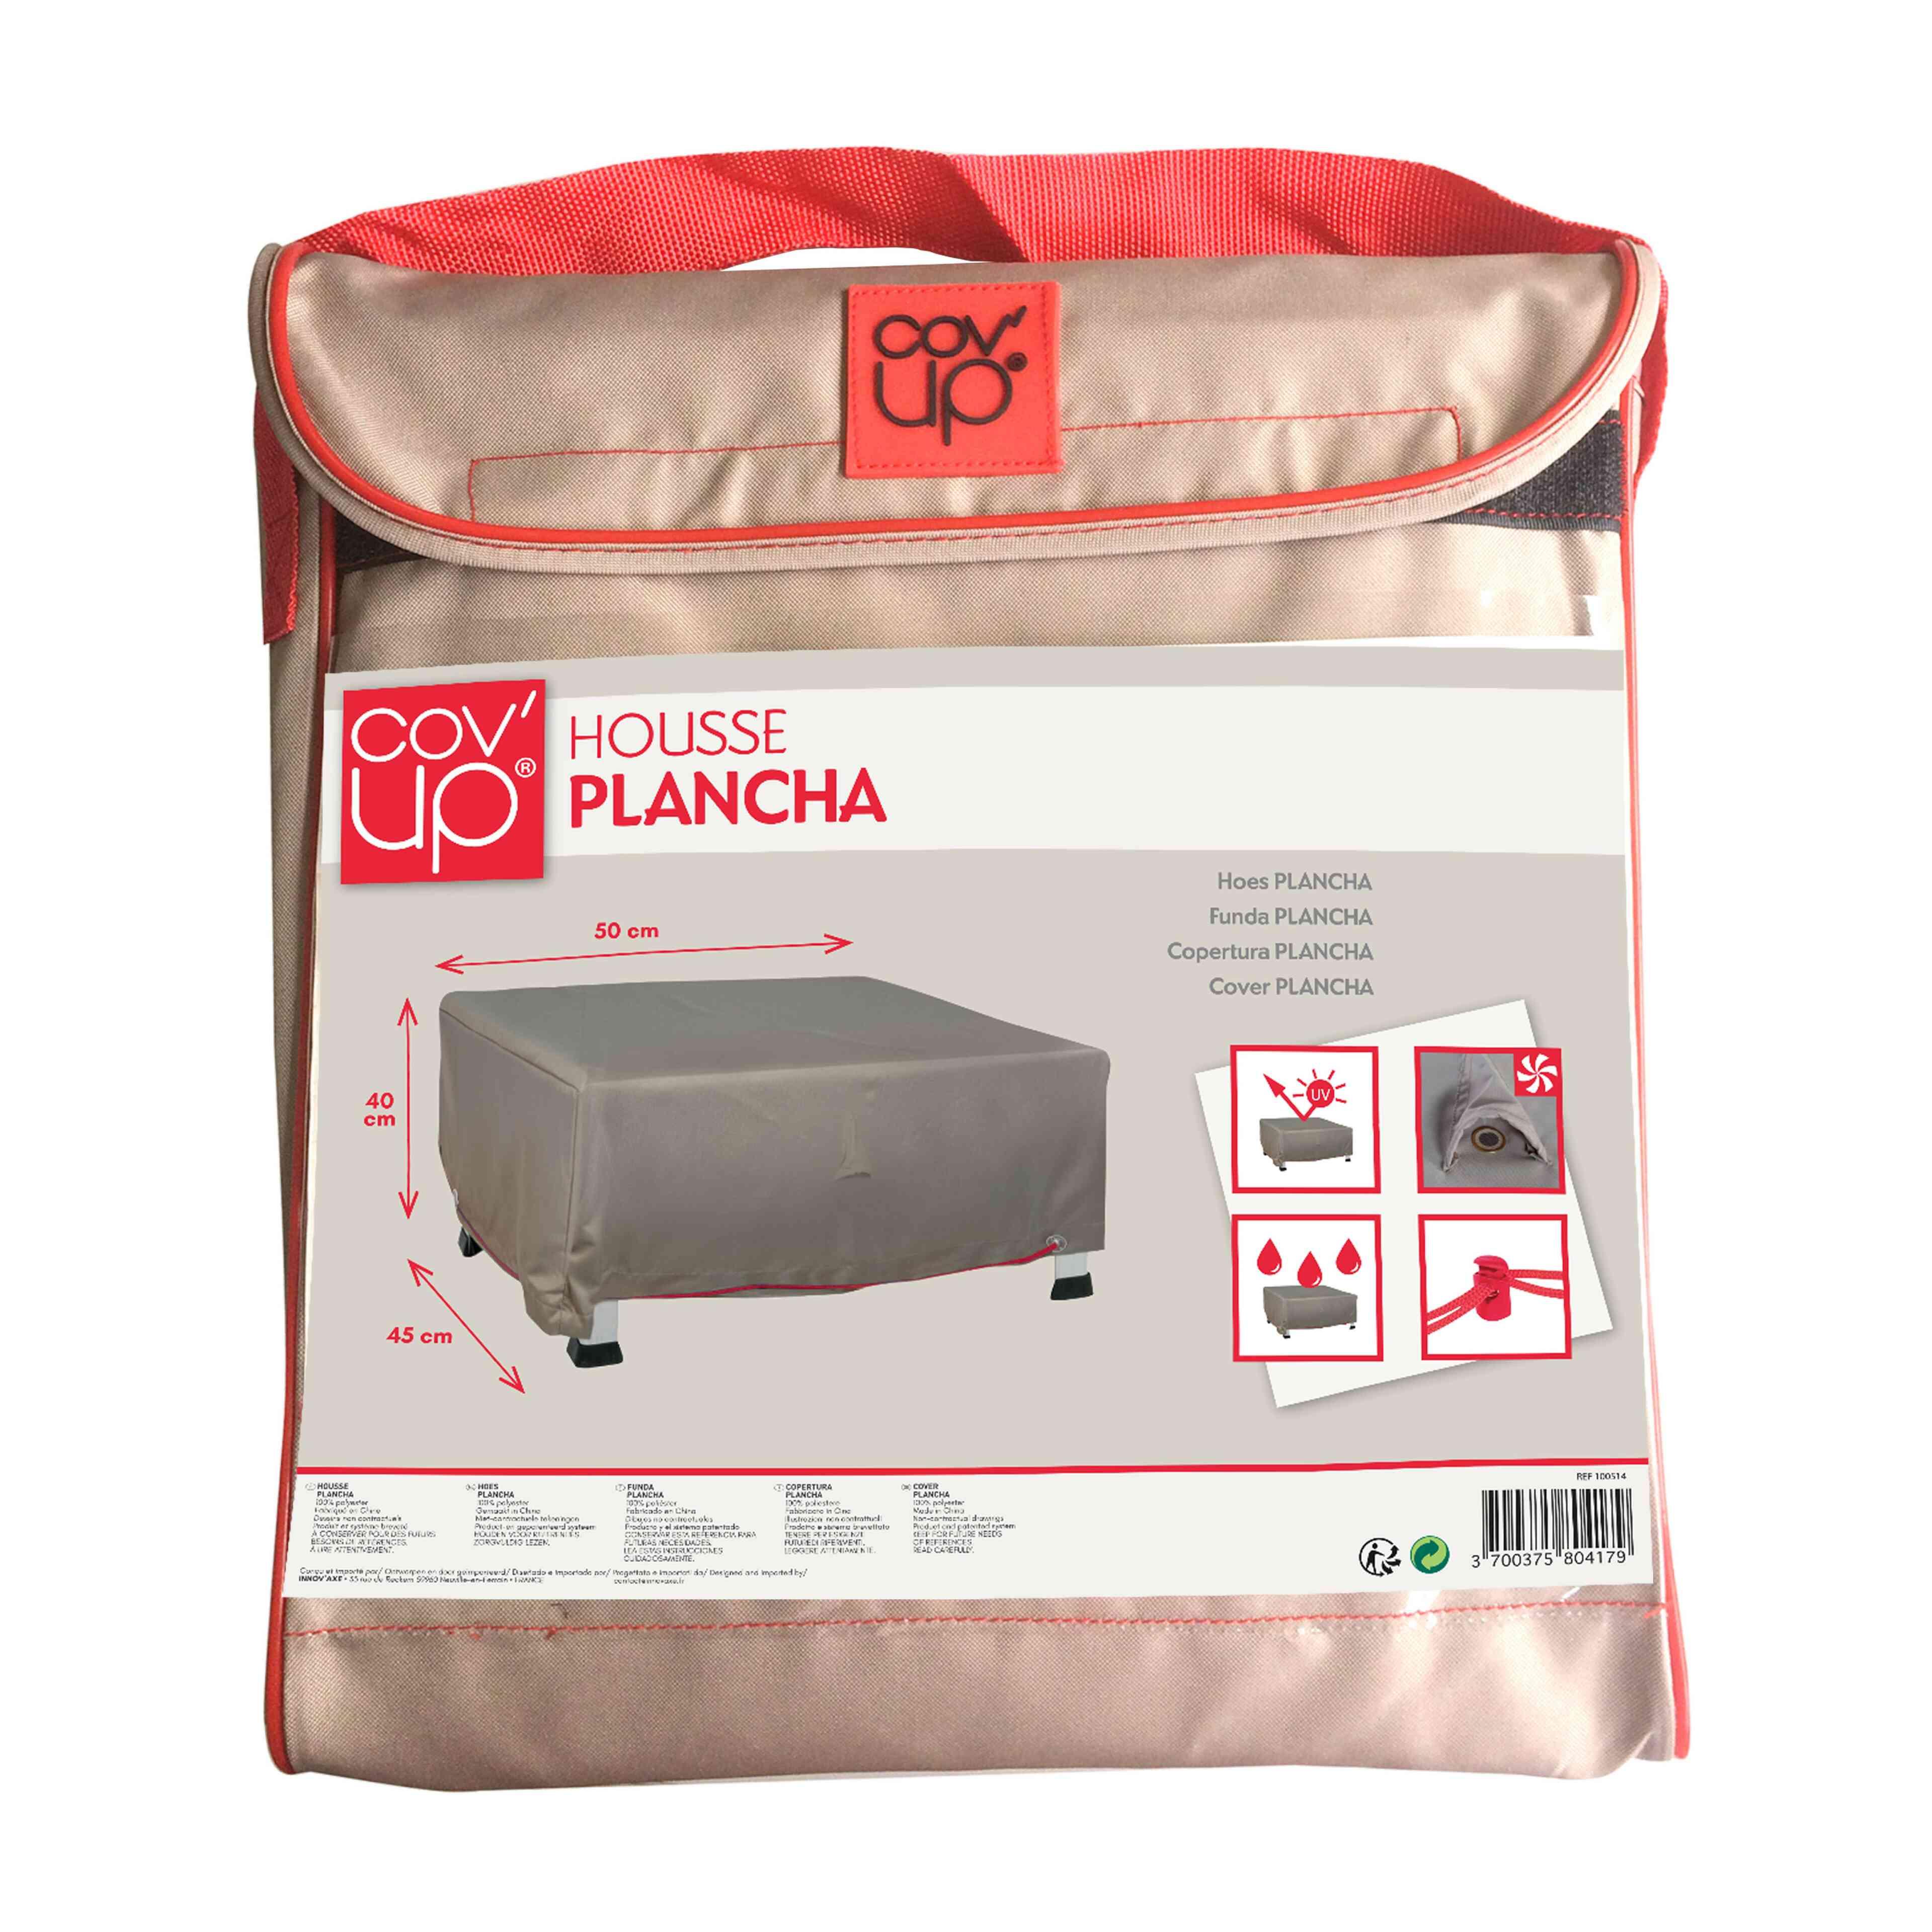 Housse Pour Plancha Tonio couvercle protection plancha simplicity 3 feux